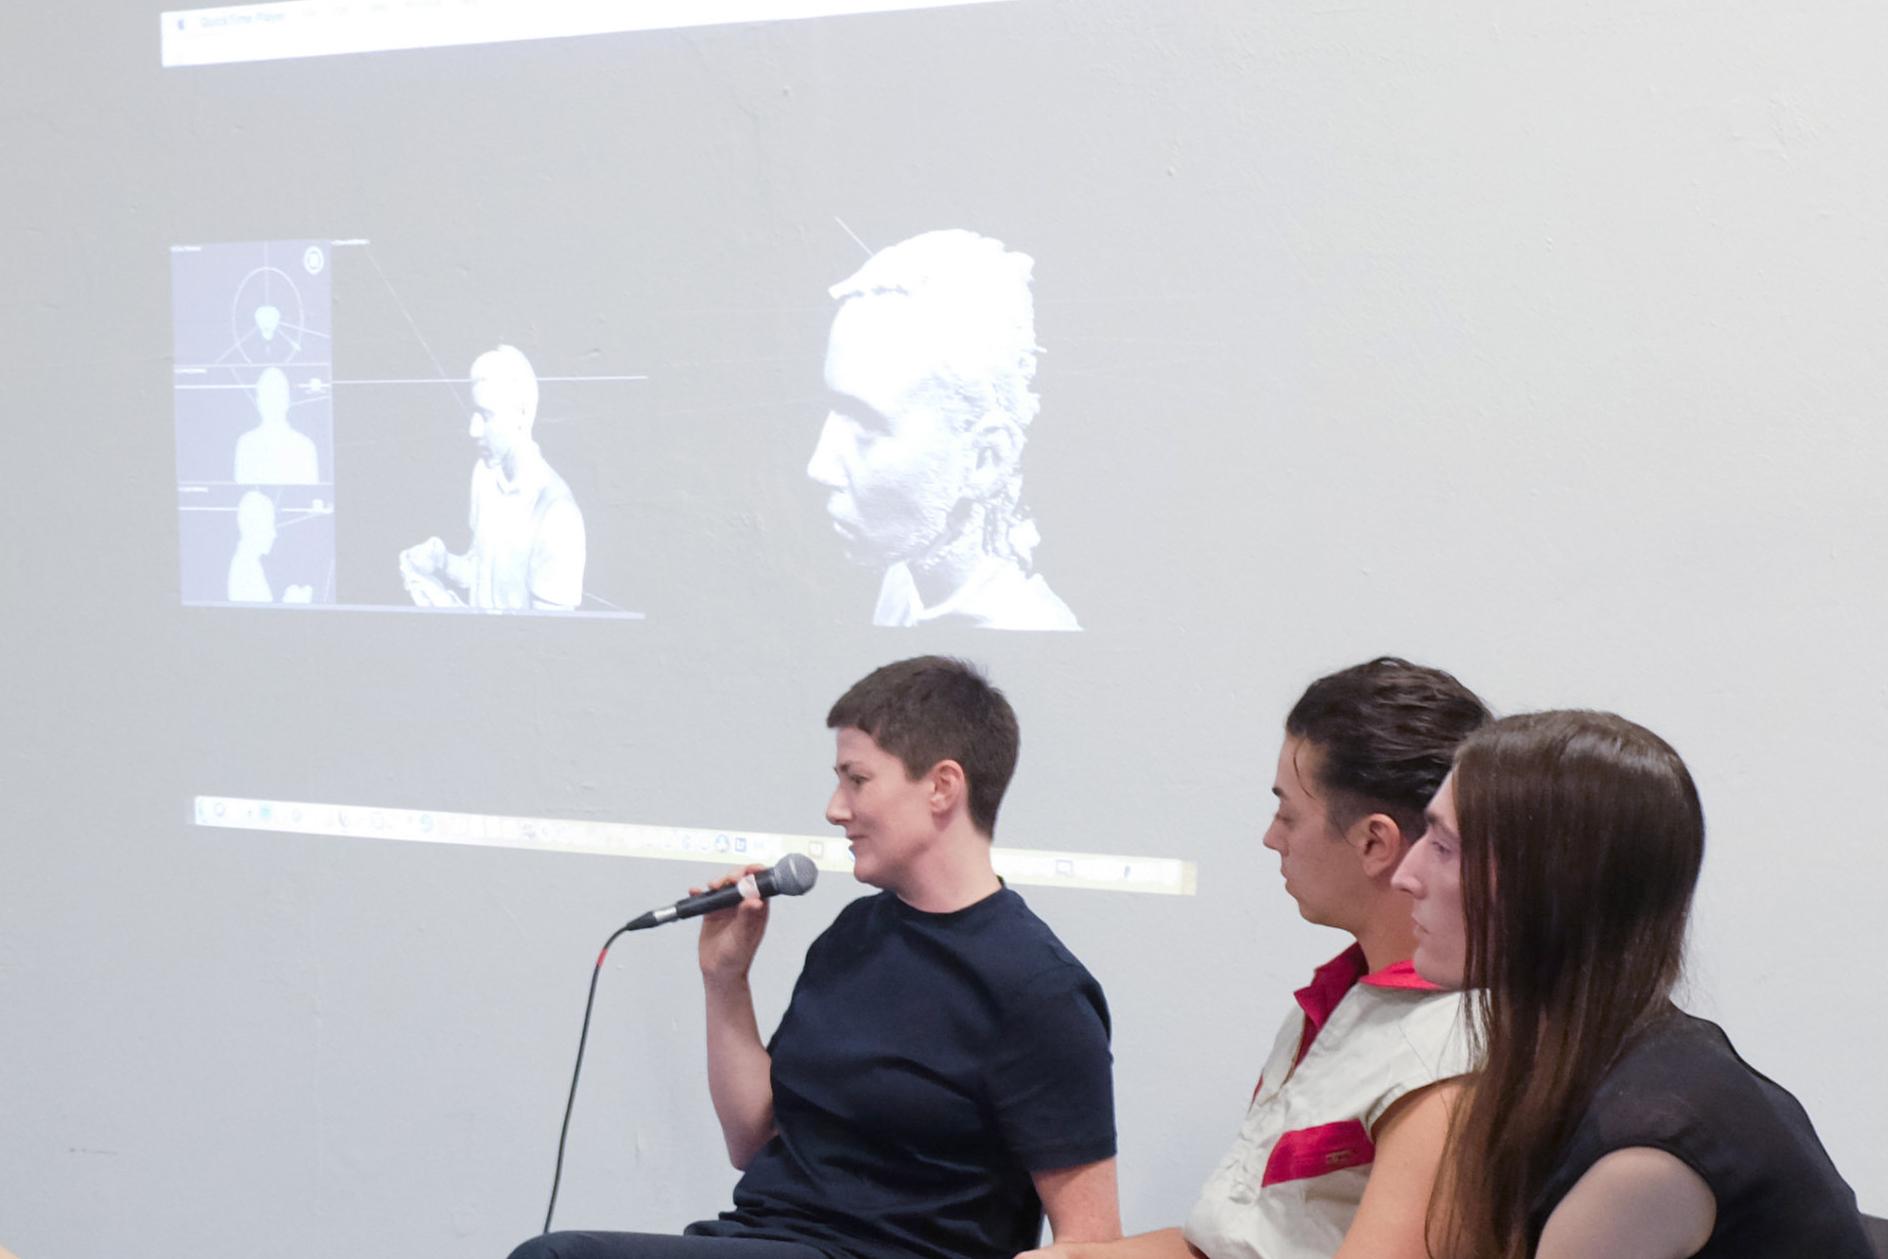 """<p><b>Dreaming Trans-futurism and Reality Now<br /> </b><b>Talk </b>mit Doireann O'Malley (Nominierte für den Berlin Art Prize 2018), Lou Drago (Autor, Kurator) und Pedro Marum (Kurator, Filmprogrammierer, DJ) von XenoEntitiesNetwork, Elliott Cennetoglu (Lichtgestalter), Pol Merchan (Künstler, Filmemacher), Mateja Hoffman (Fotografin, Stylistin, Performerin)</p> <p>Regisseurin Doireann O'Malley sprach gemeinsam mit den Protagonistinnen und Mitarbeiterinnen von<i> Prototypes</i> über die Methoden, Themen, und Erfahrungen dieser komplexen Videoarbeit. Hauptfigur Lou Drago zu <i>Prototypes</i>: """"Schon in den ersten Sekunden, wenn eine Stimme aus dem Off die vielartigen Zusammenstellungen von Chromosomen aufzählt, die Menschen besitzen können, ist man mit der Absurdität einer Reduktion von Geschlechtern auf ein binäres System konfrontiert. Einige dieser Konstellationen lassen sich nicht in eine limitierte Männlich-Weiblich-Kategorisierung einordnen. Es wird schnell klar, dass sehr viel dazugehört, möchte man die Komplexität von Geschlecht verstehen"""".</p>"""